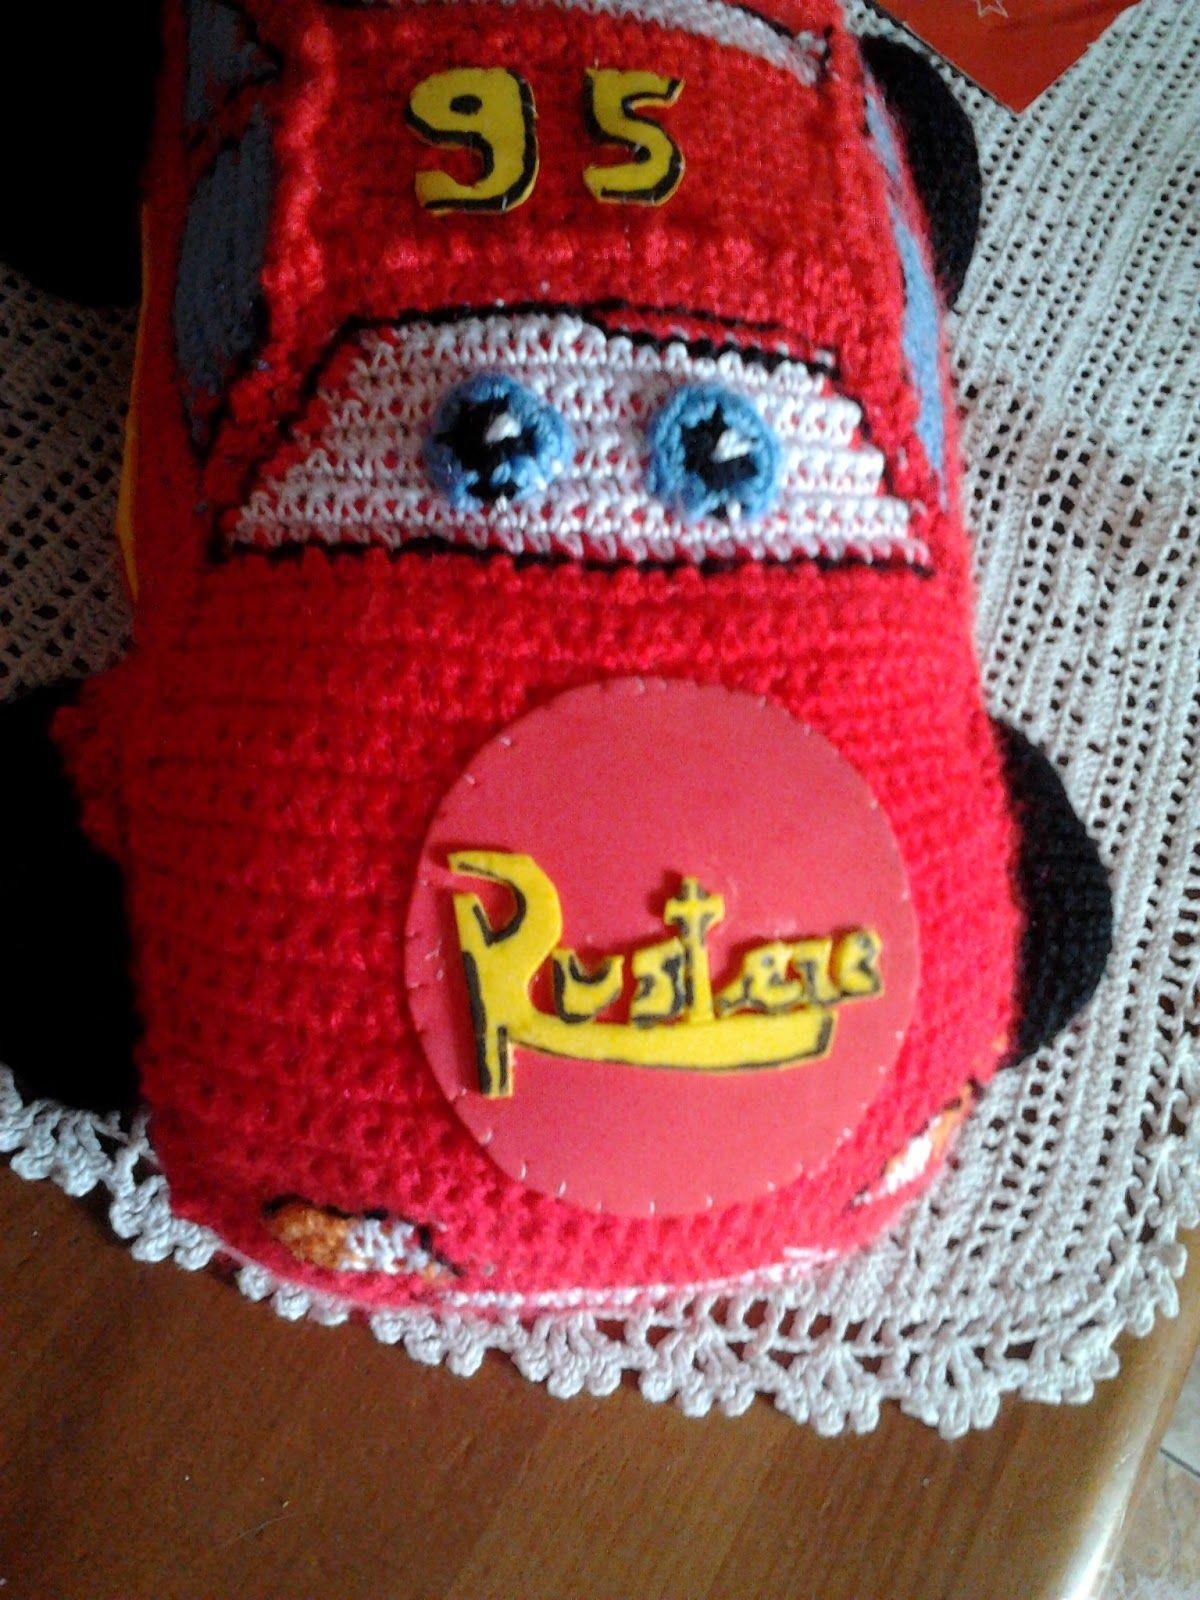 Me quedó precioso, fue un regalo para un nene y le encantó. En esta página encontré el patrón:   http://hastaelmonyo.com/?p=485 ...